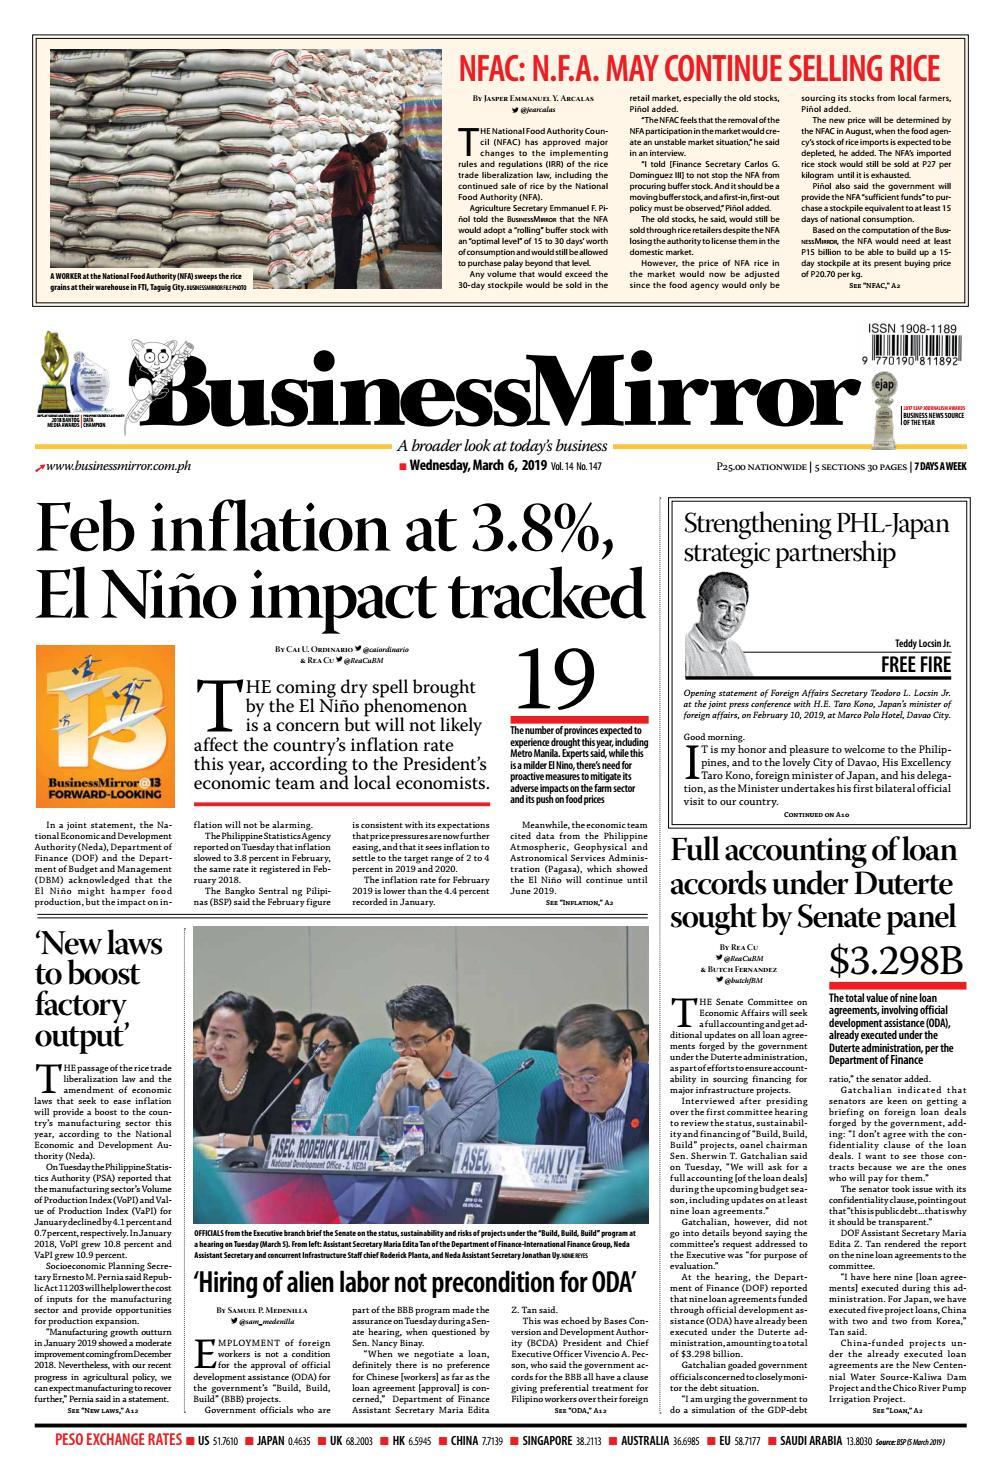 BusinessMirror March 06, 2019 by BusinessMirror - issuu